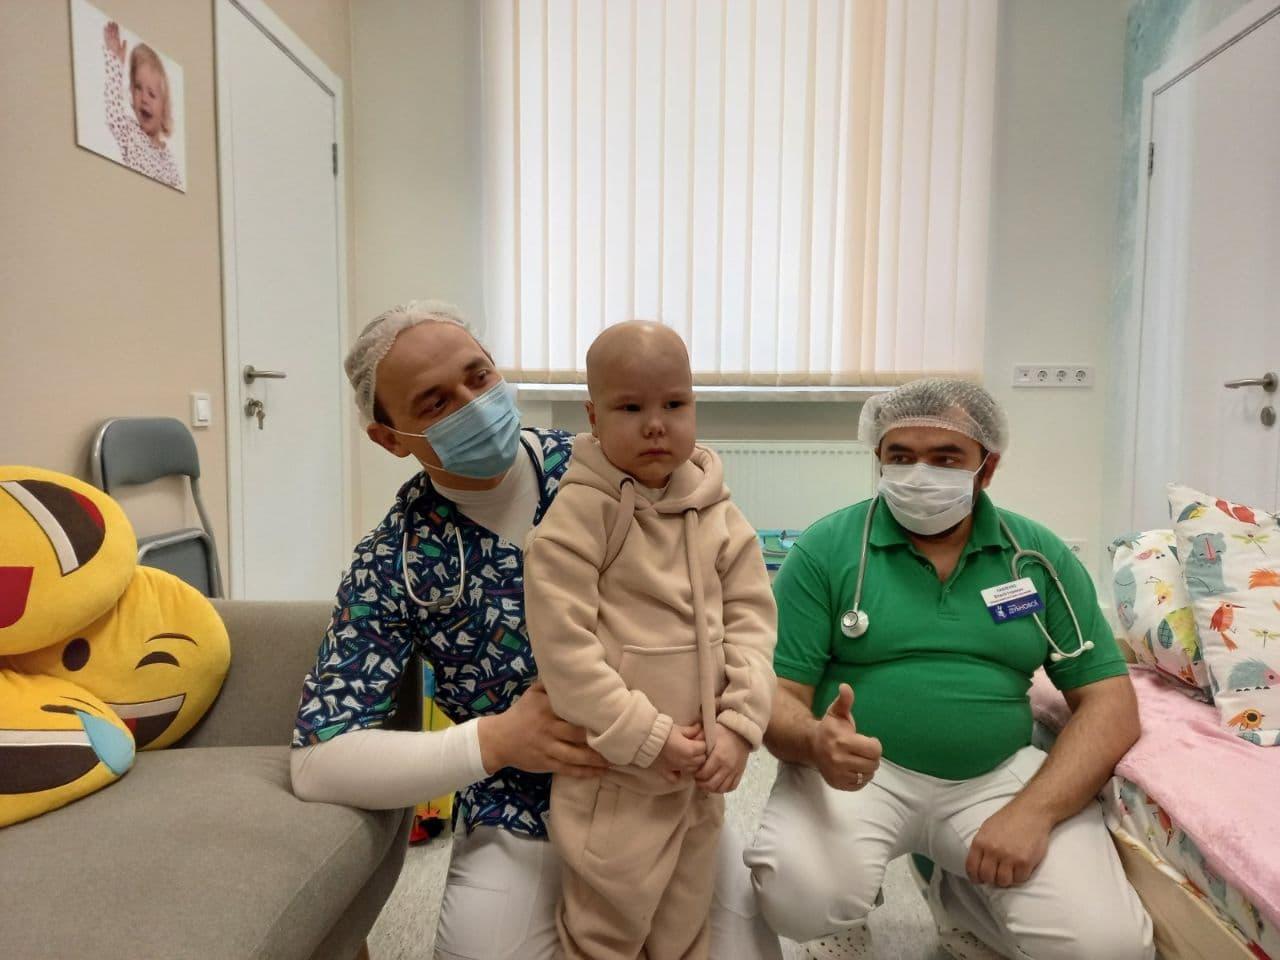 photo 2021 02 23 12 28 57 - Ми провели лікування онкохворої дитини у рамках нашої благодійної програми